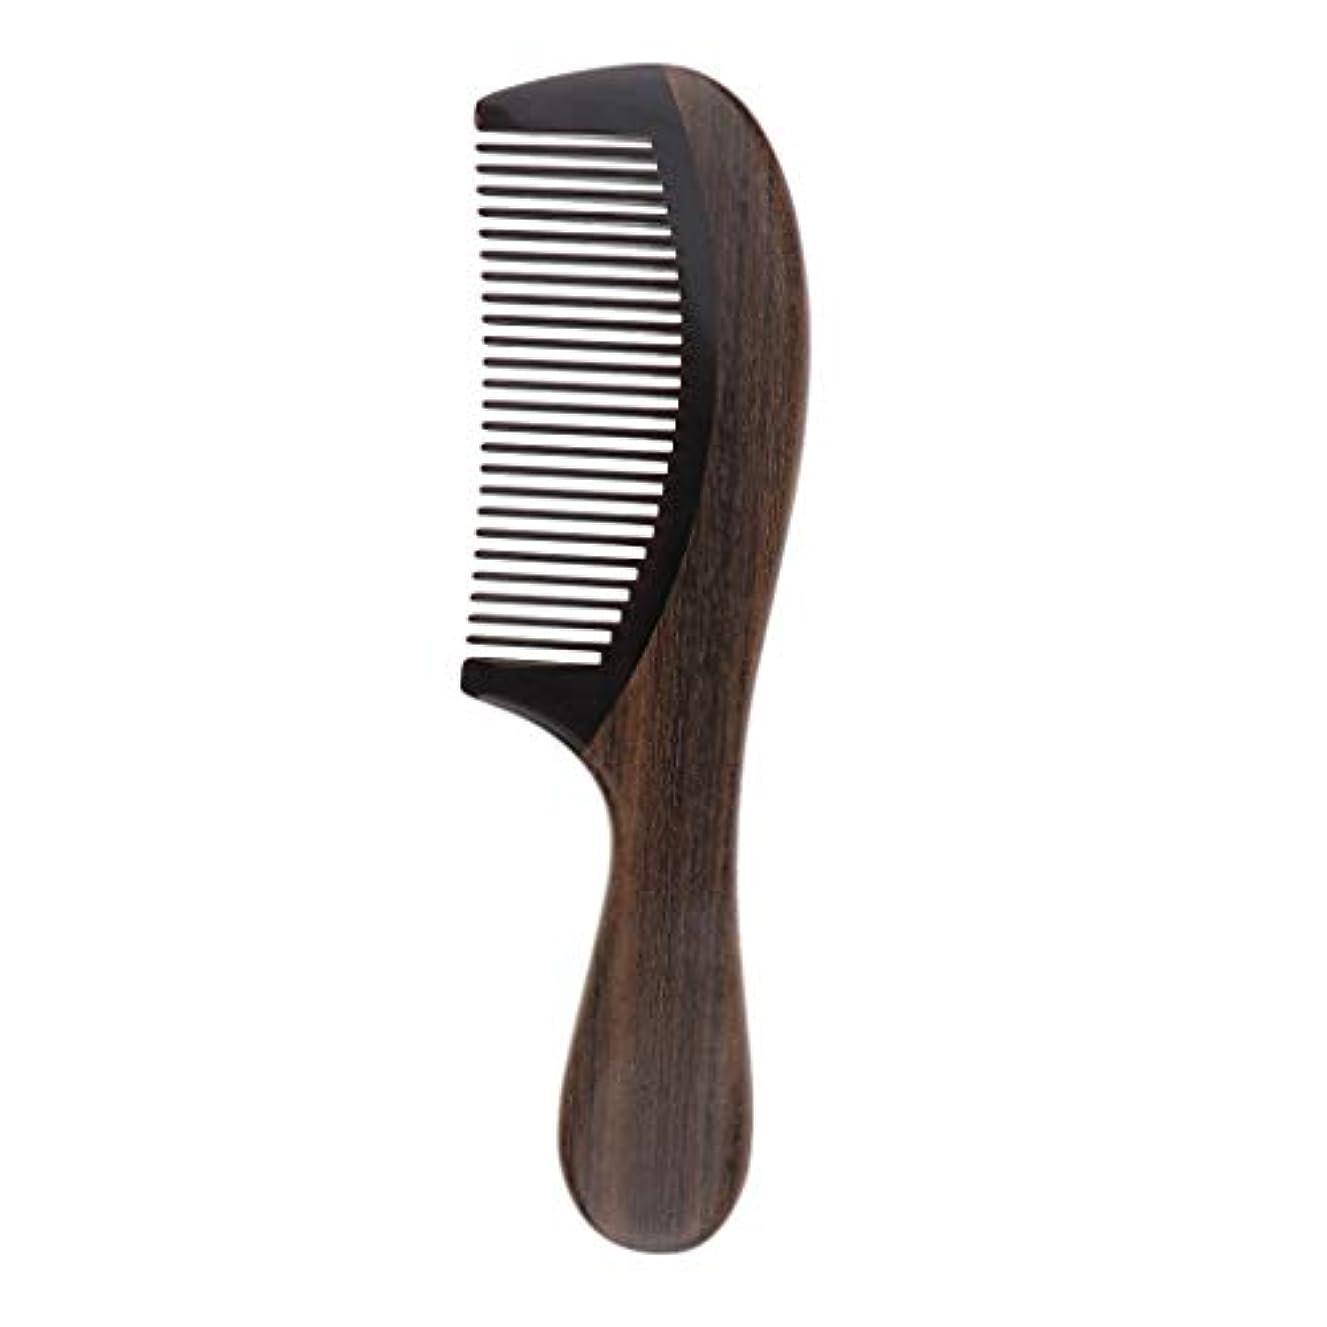 肯定的退院曇った櫛 木製 くし コーム 木製ヘアコーム 頭皮マッサージ くし 静電気防止 頭 美髪ケア サンダルウッド